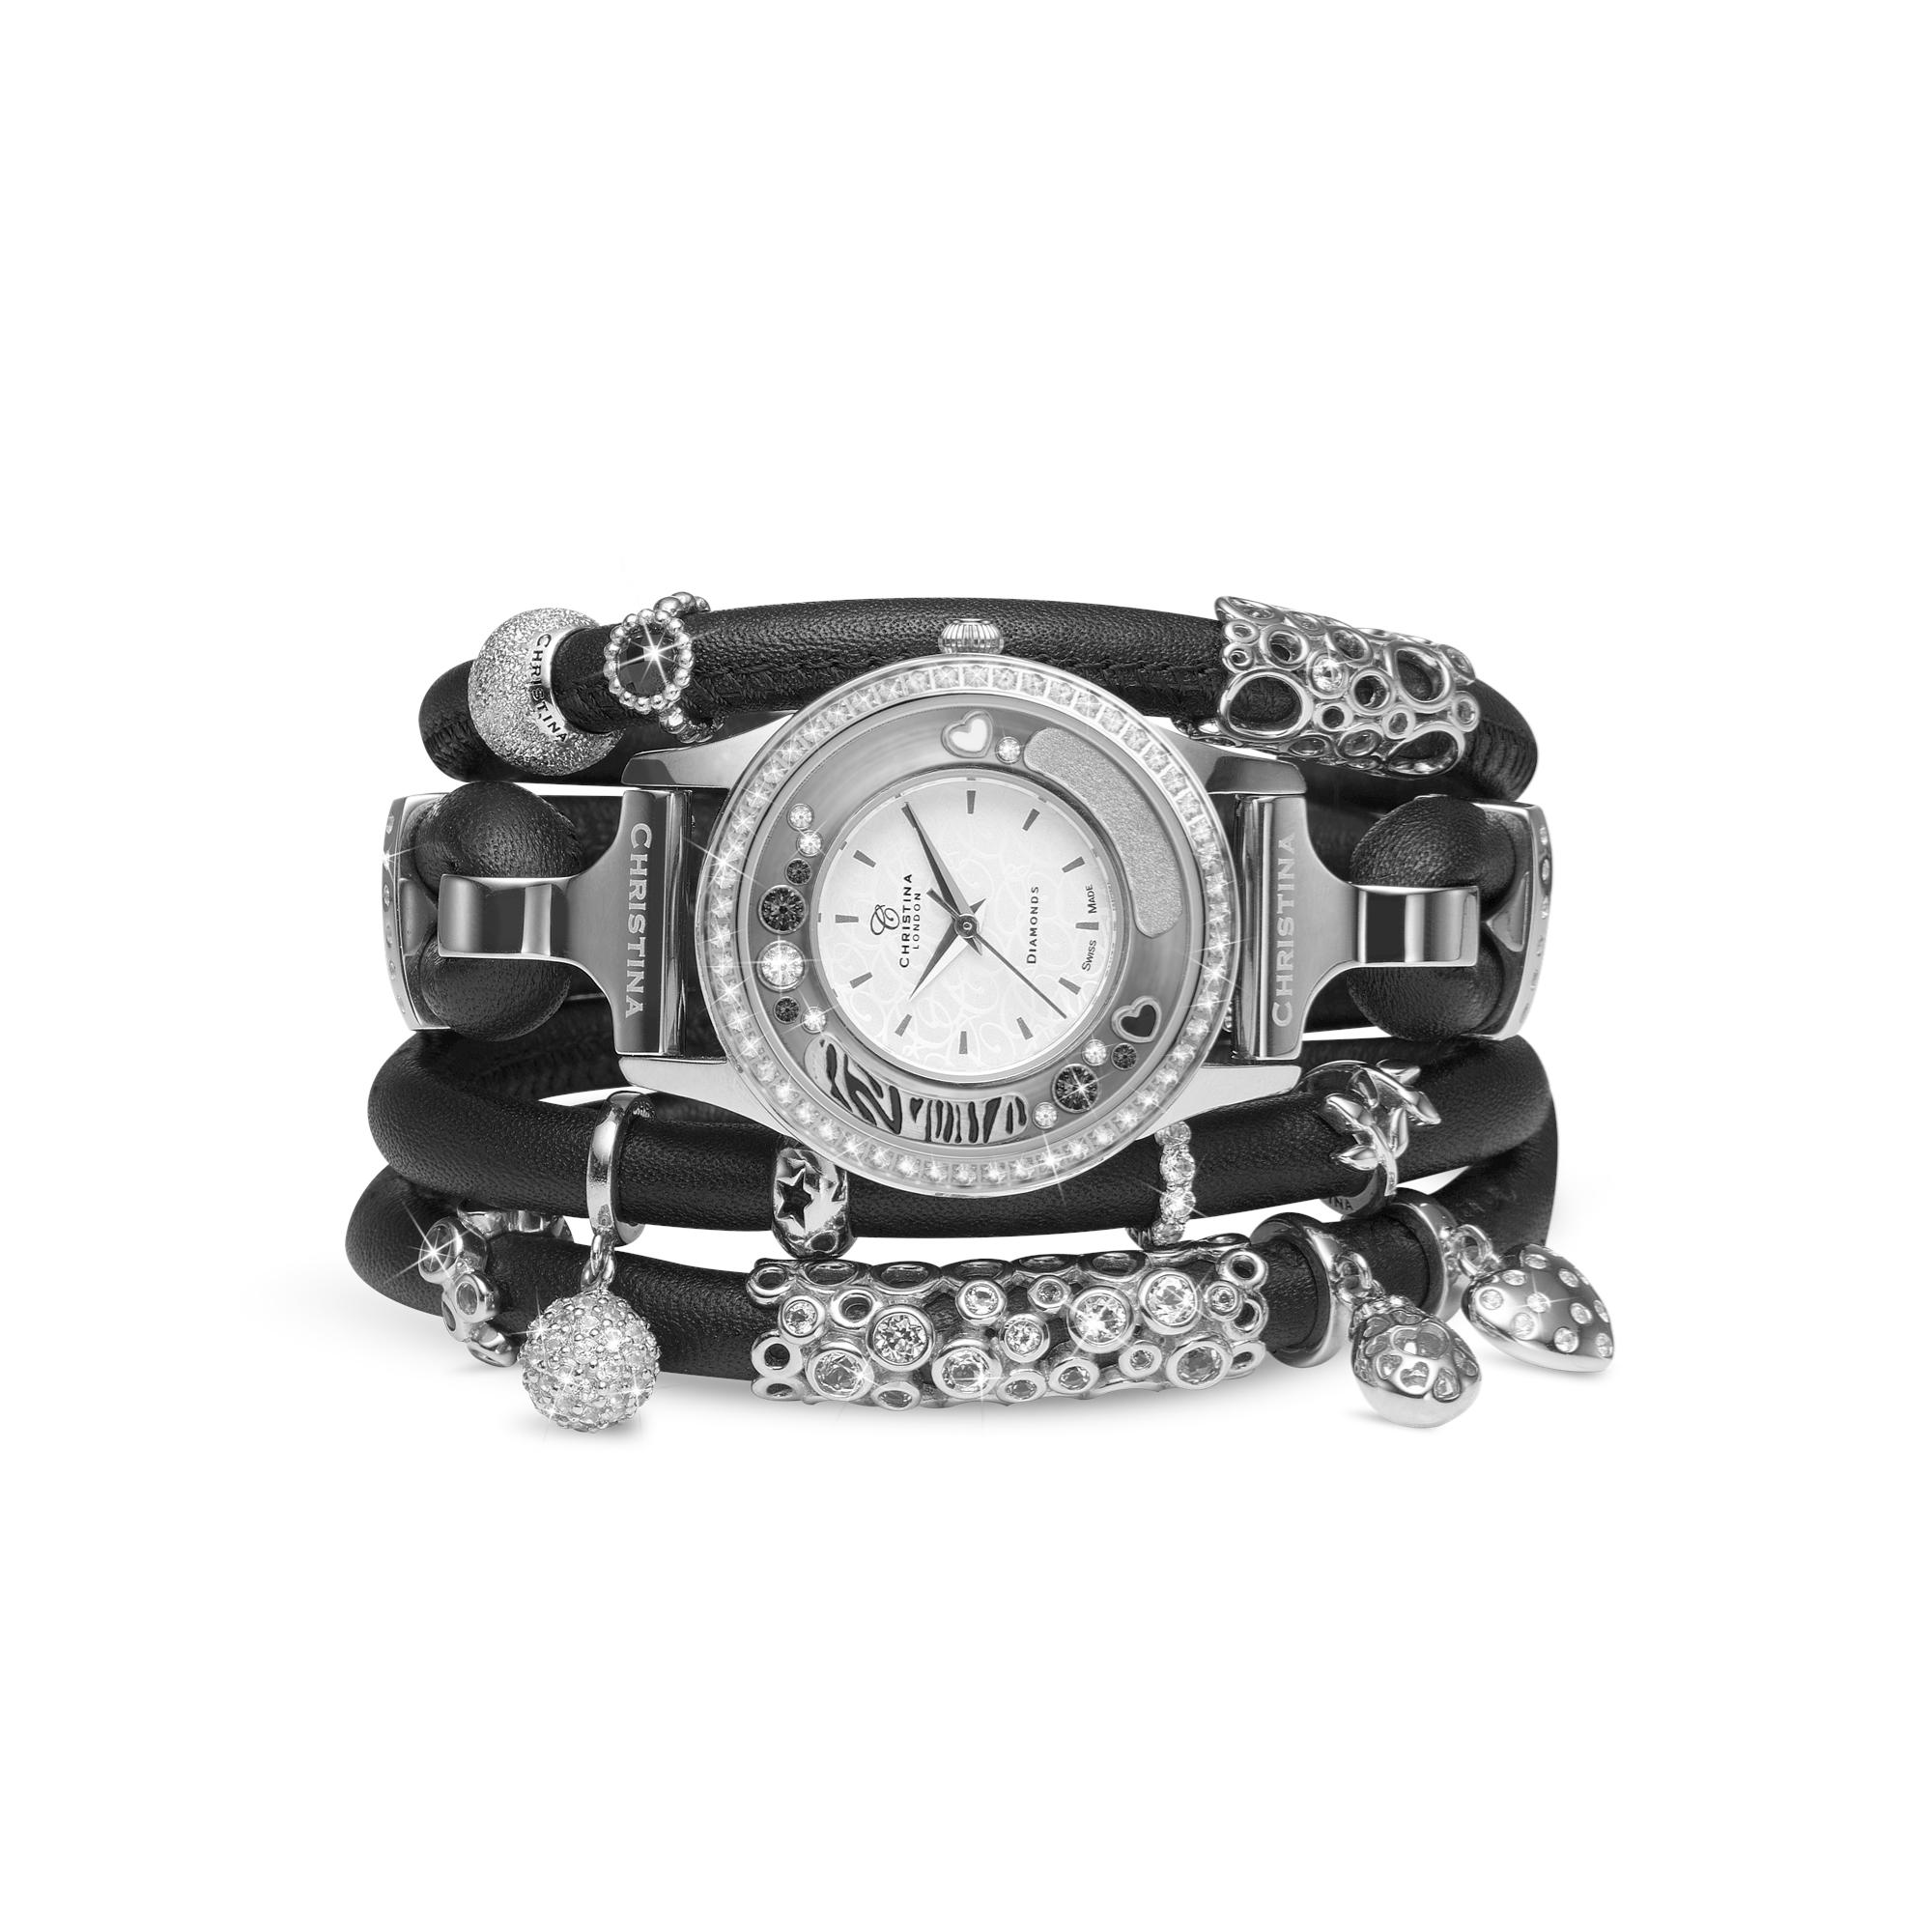 954af3db5d1 300SWBL-newblack-collect Collect ur med læderremme og charms de ...